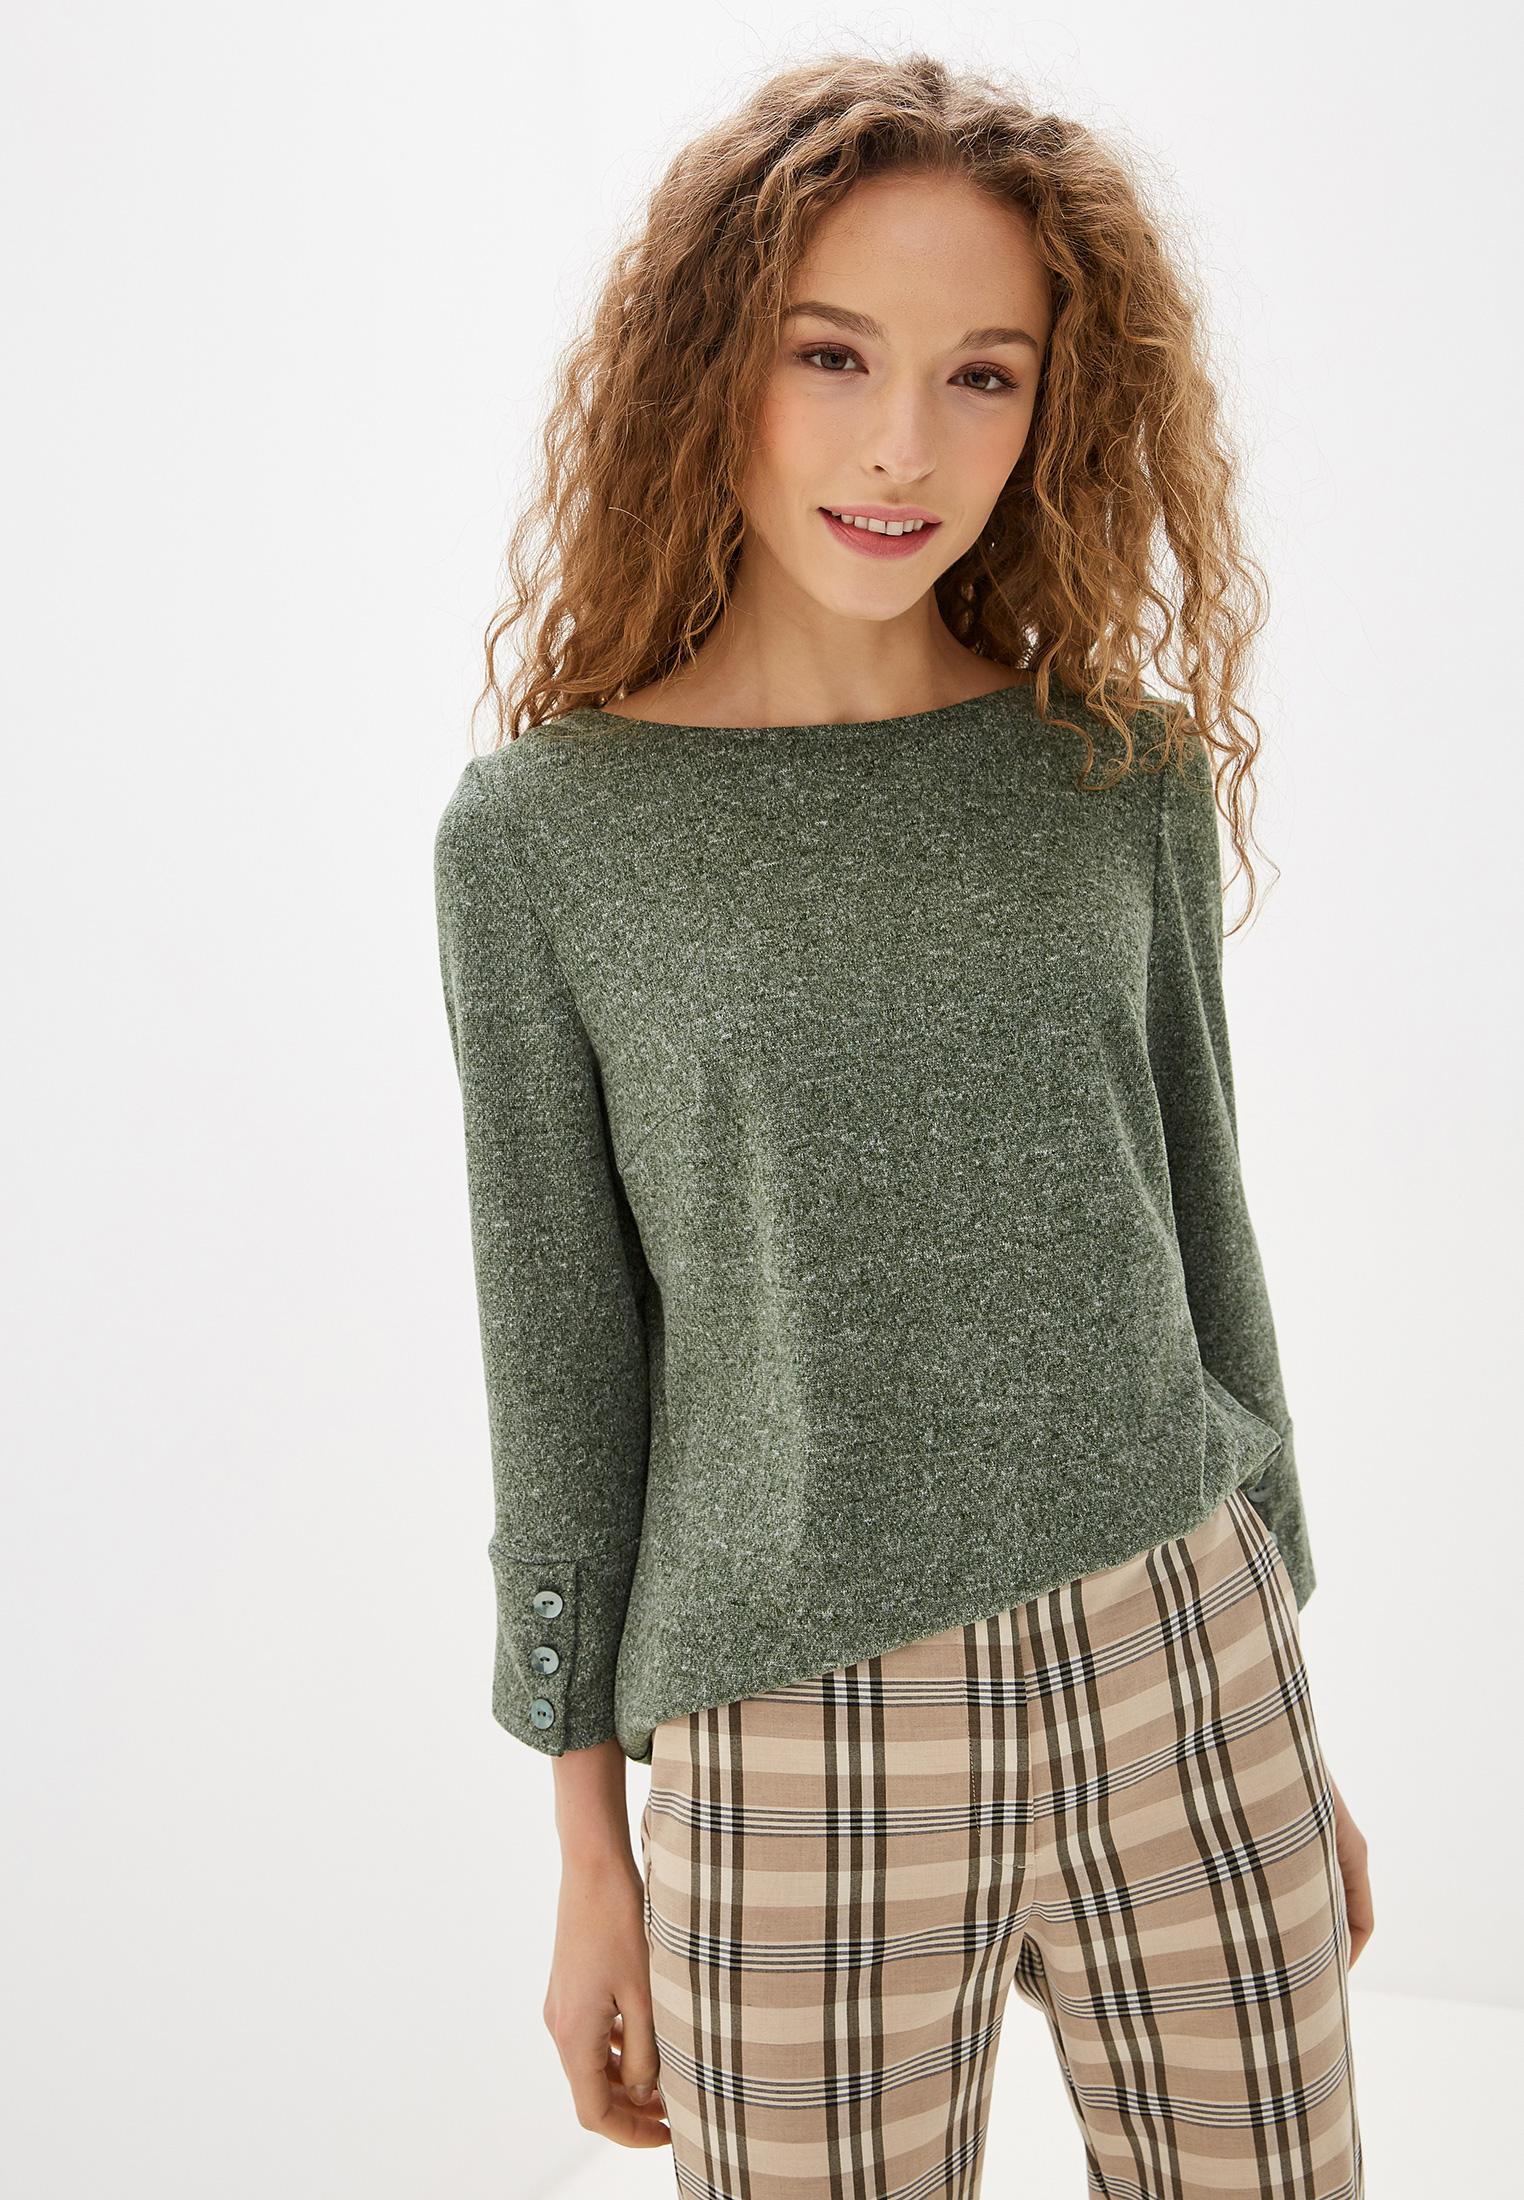 Джемпер, Argent, цвет: зеленый. Артикул: MP002XW120ZD. Одежда / Джемперы, свитеры и кардиганы